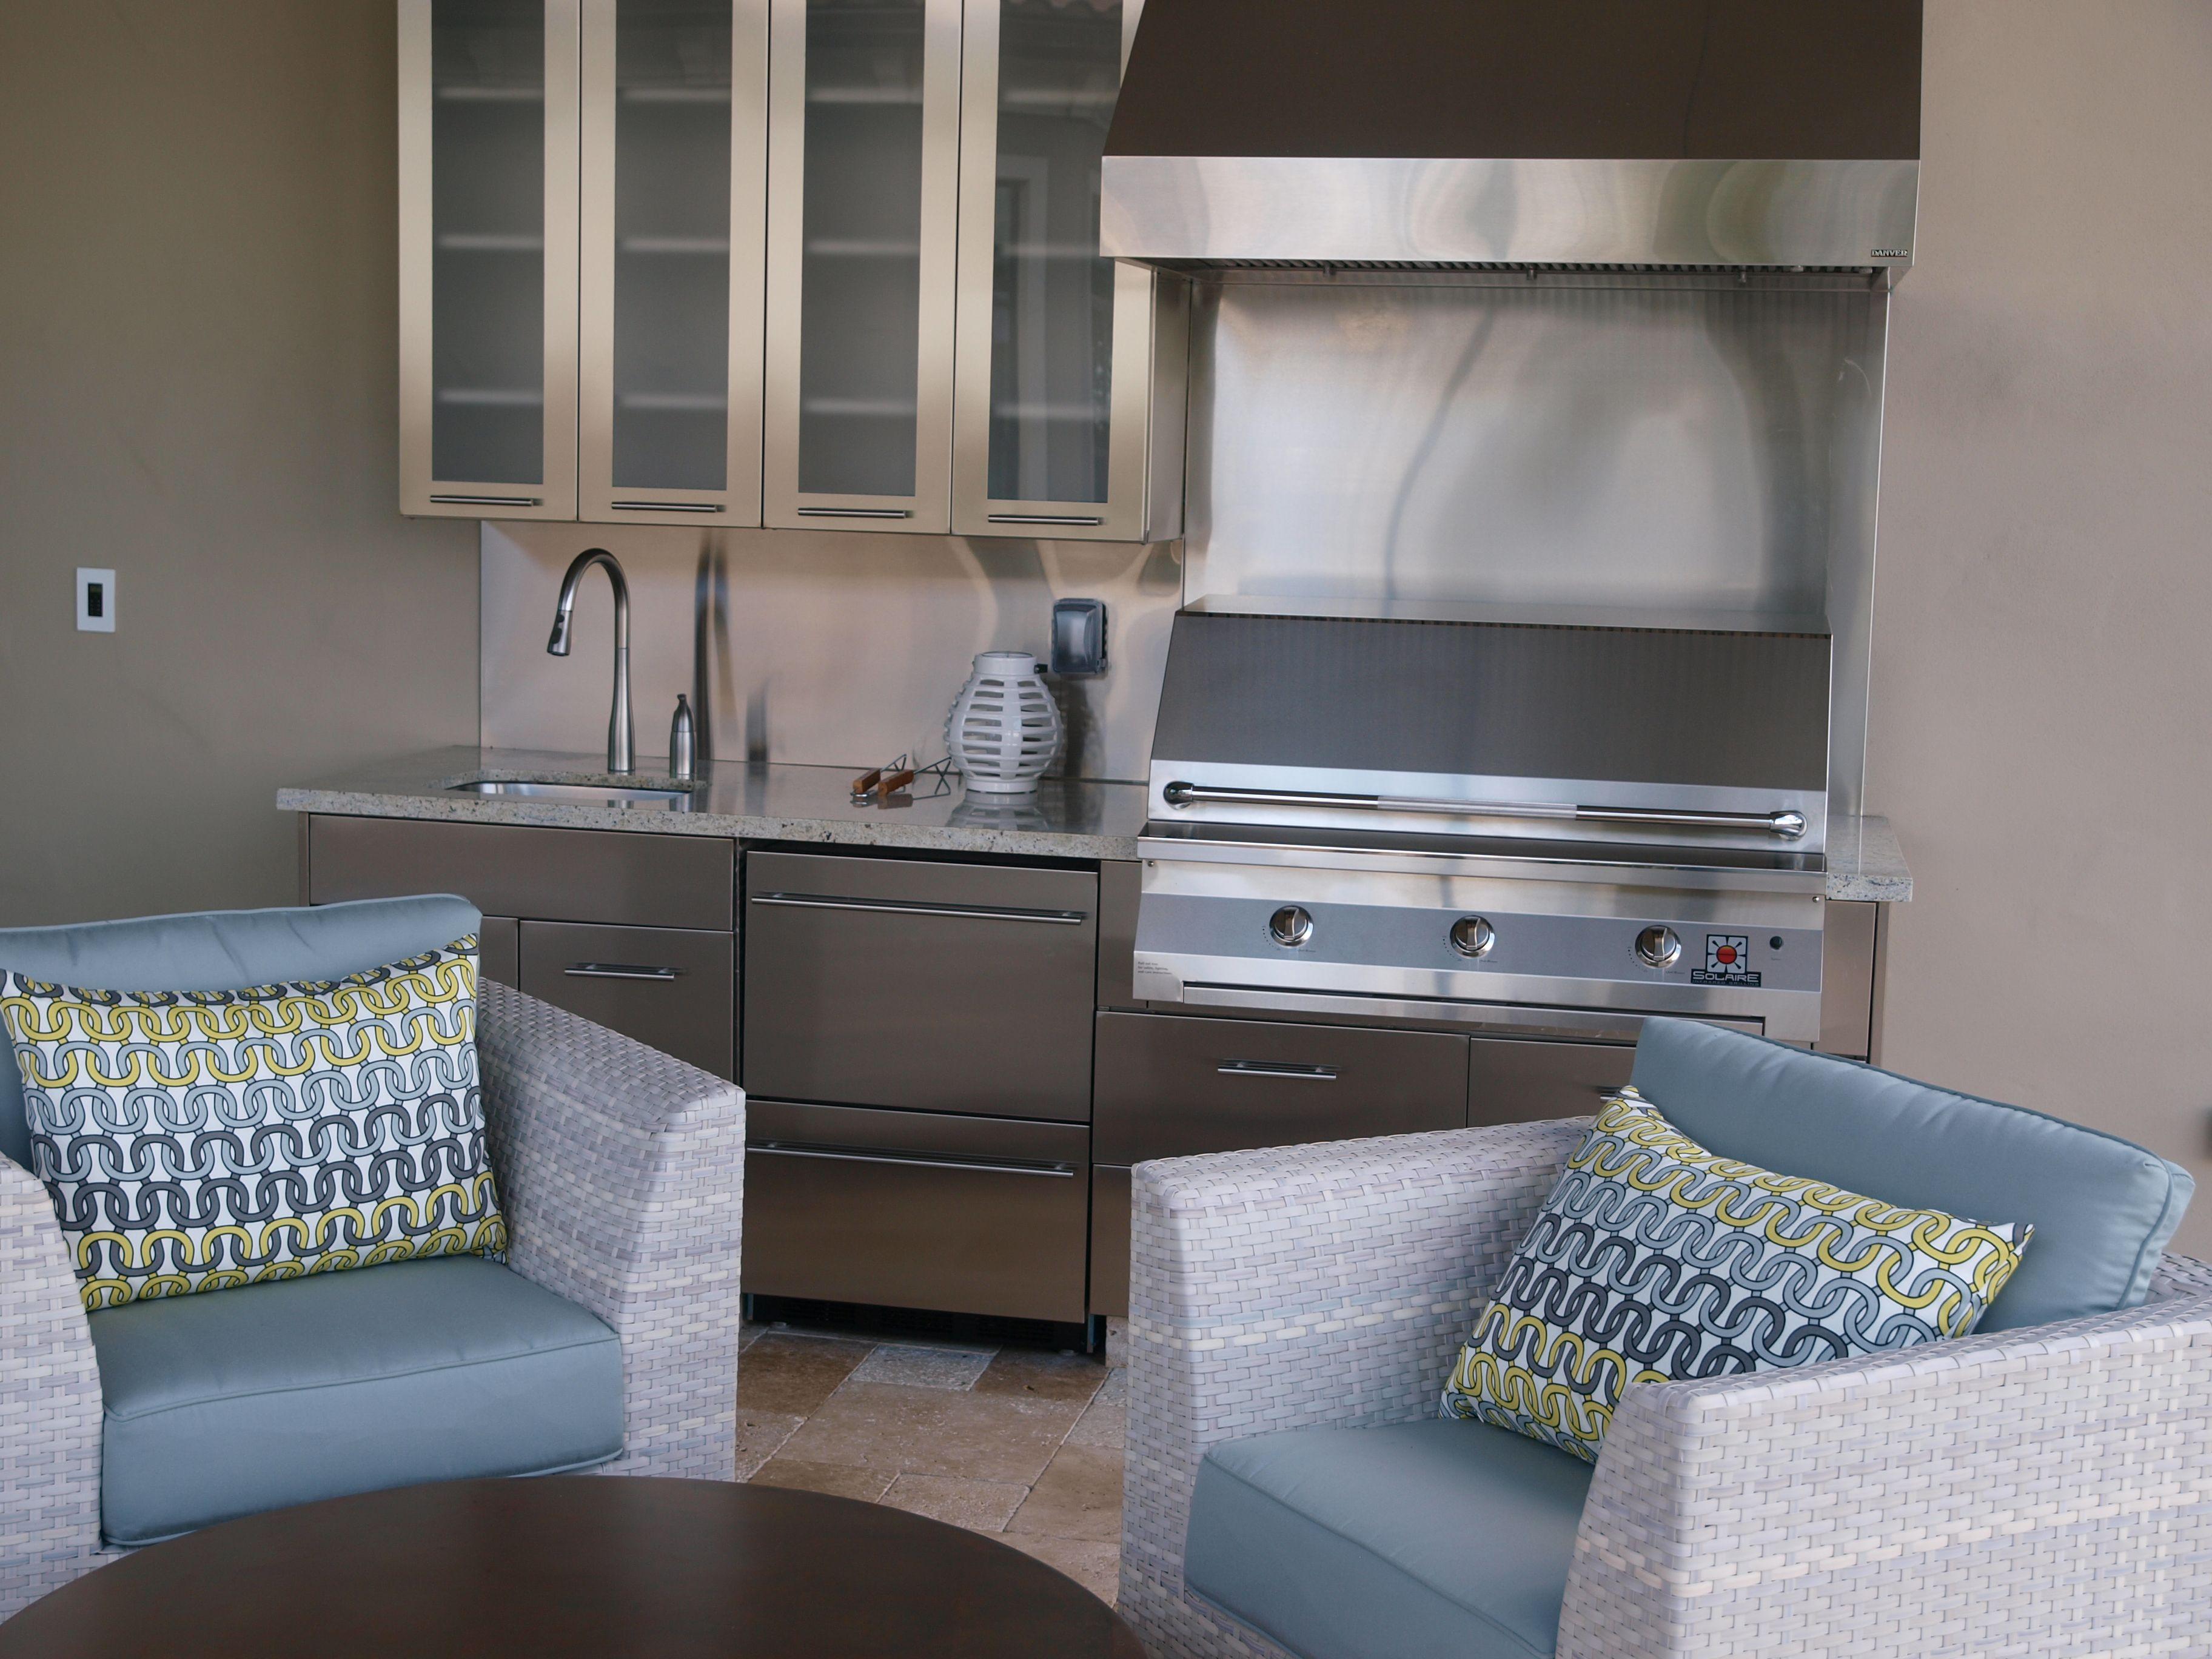 8 Outdoor Kitchen Designs Ideas Plans Outdoor Kitchen Design Outdoor Kitchen Kitchen Layout